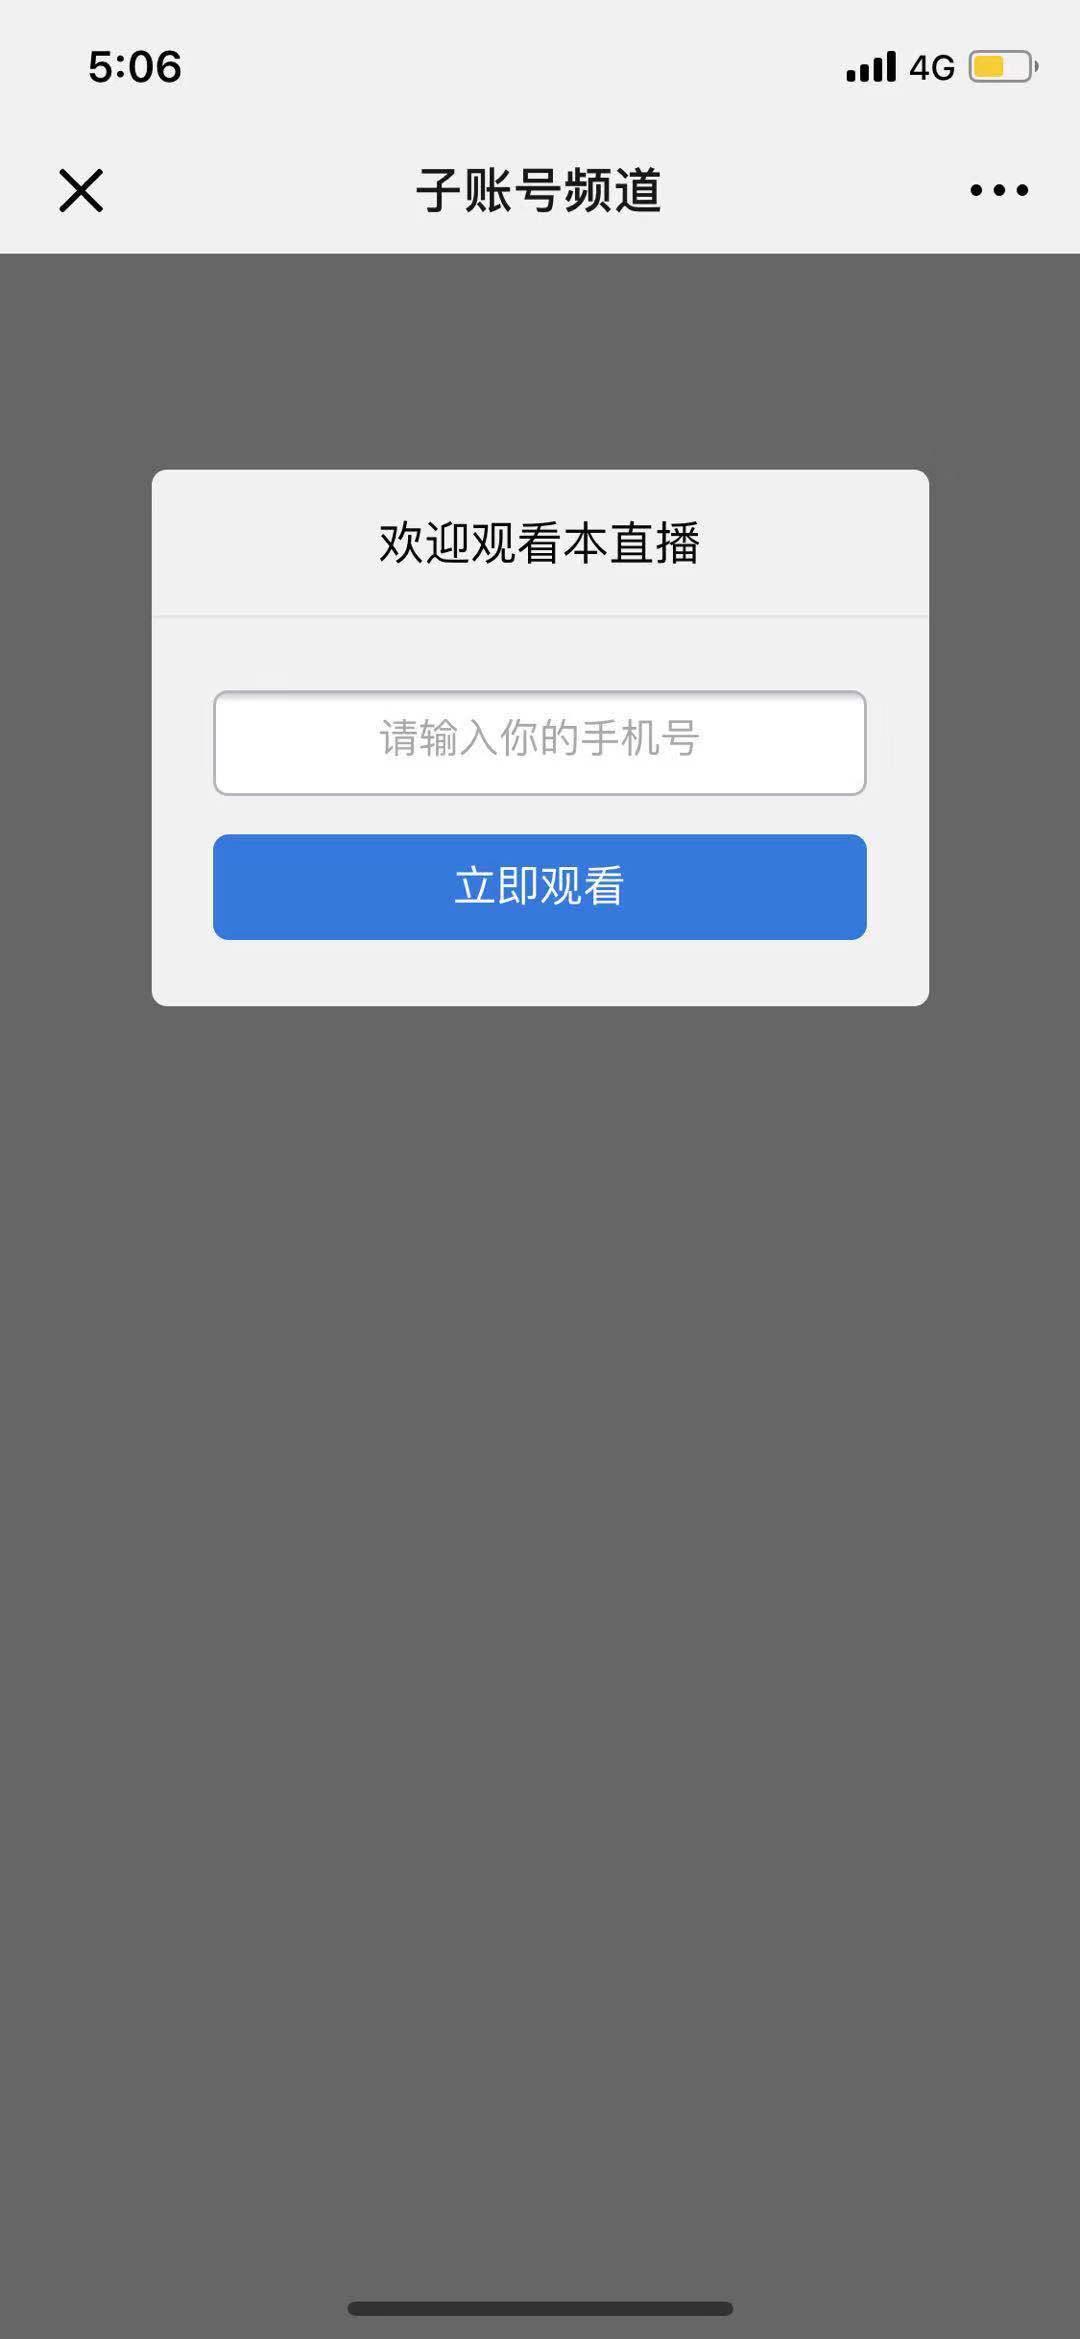 授权6.jpg